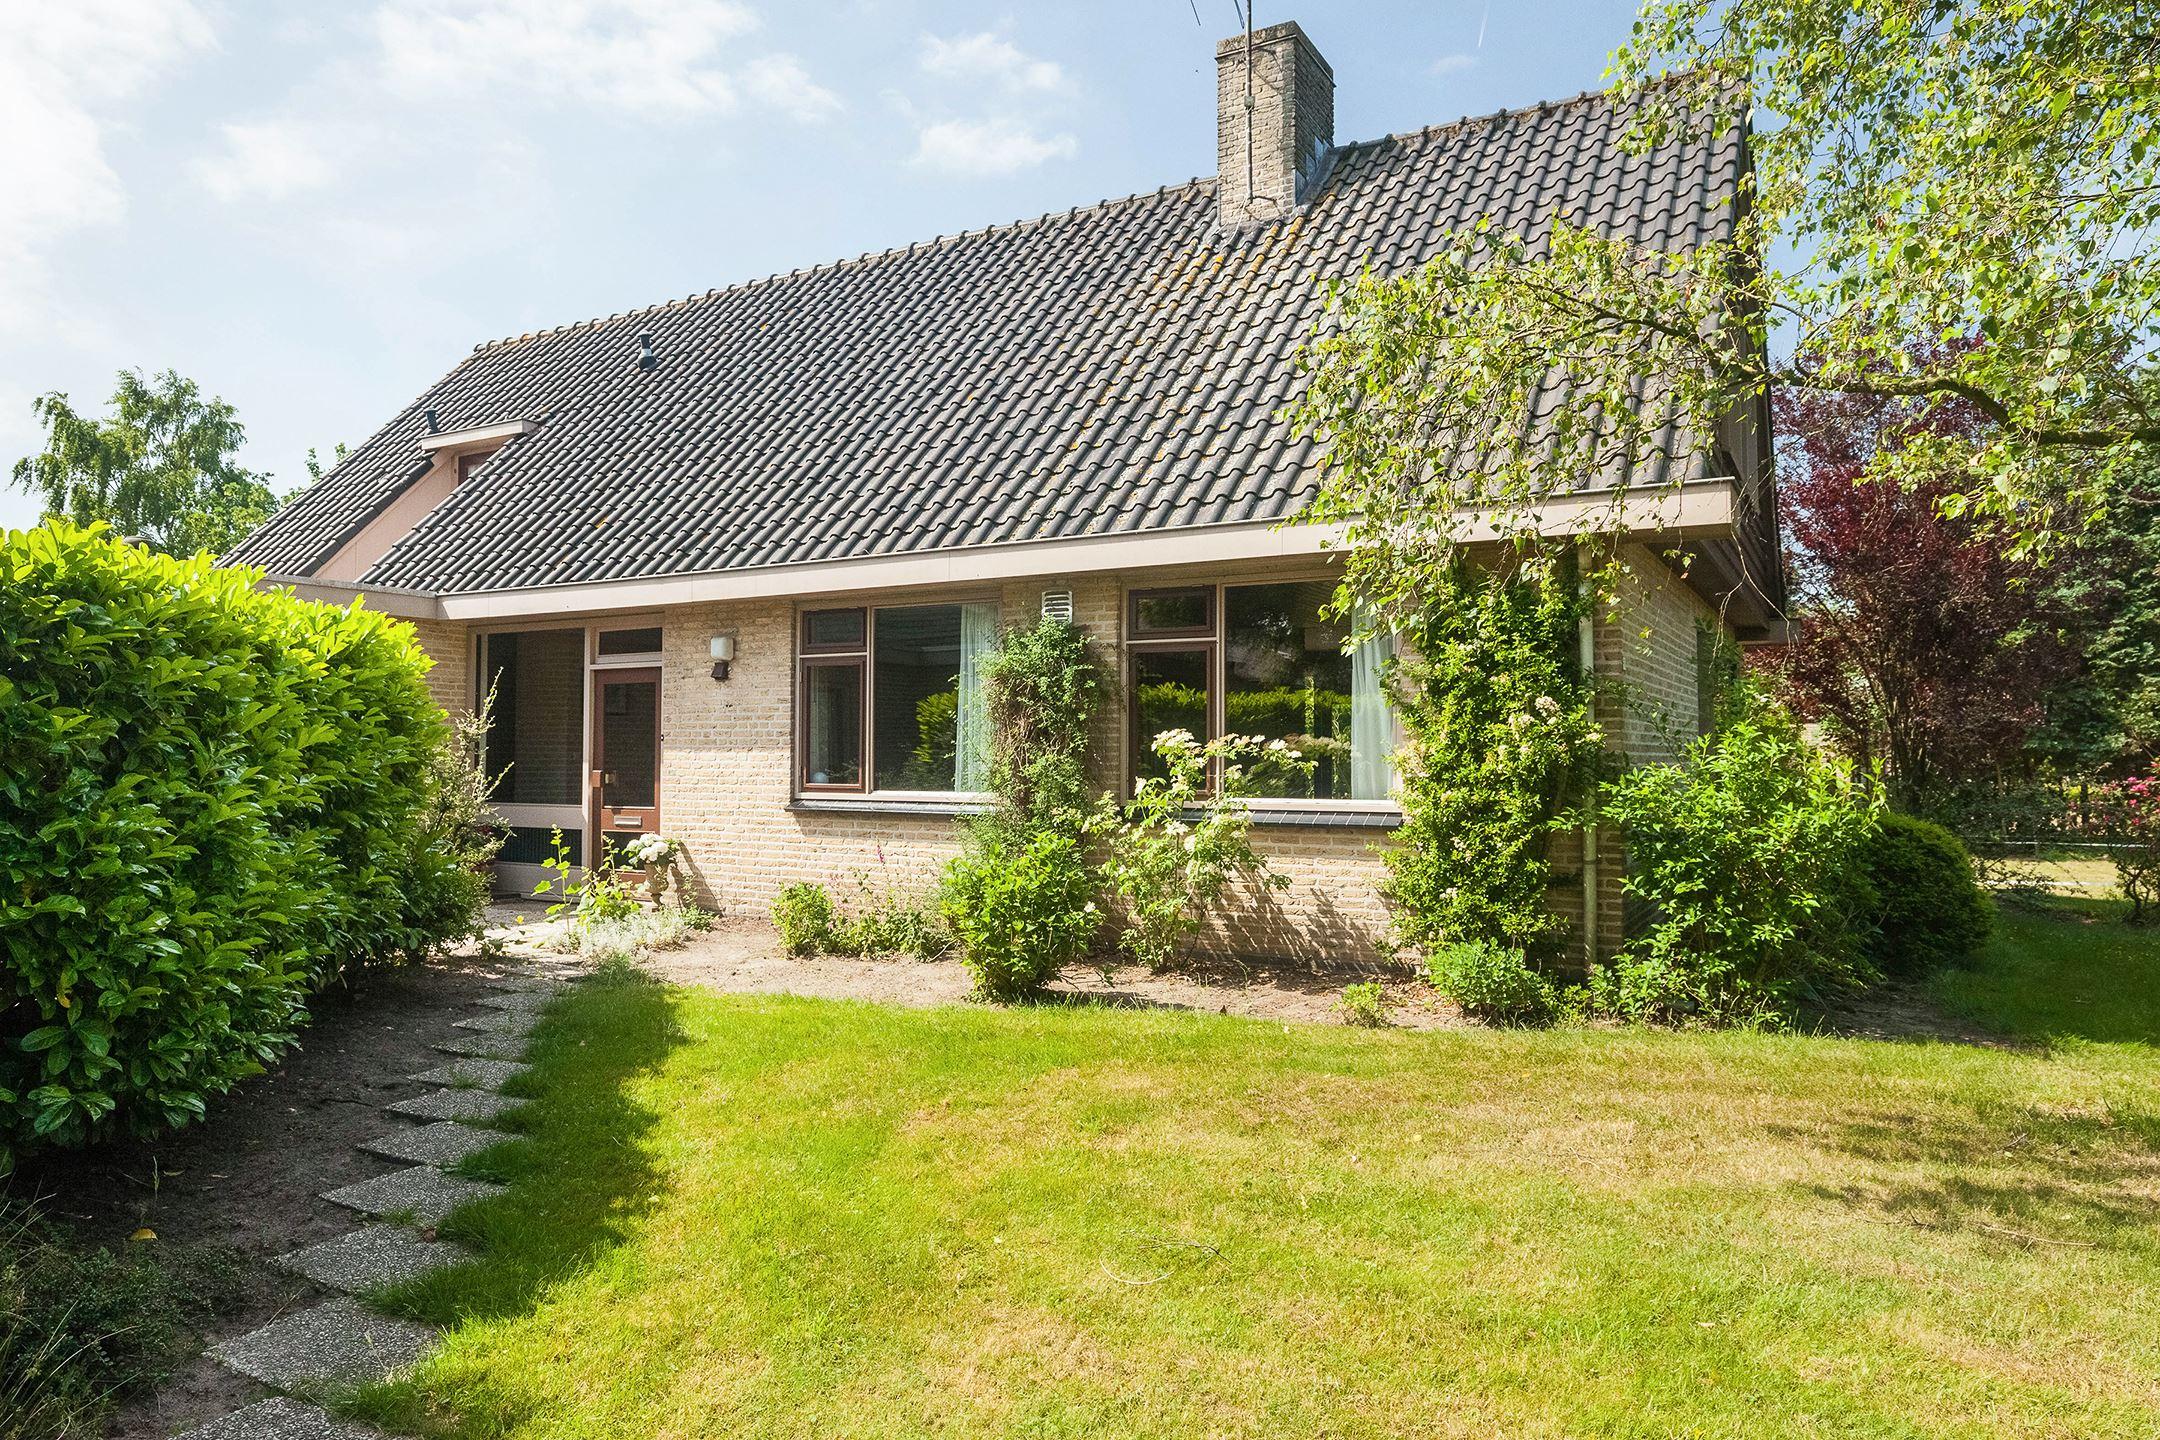 Huis te koop  Koelmansstraat 81 a 7722 LW Dalfsen [funda]